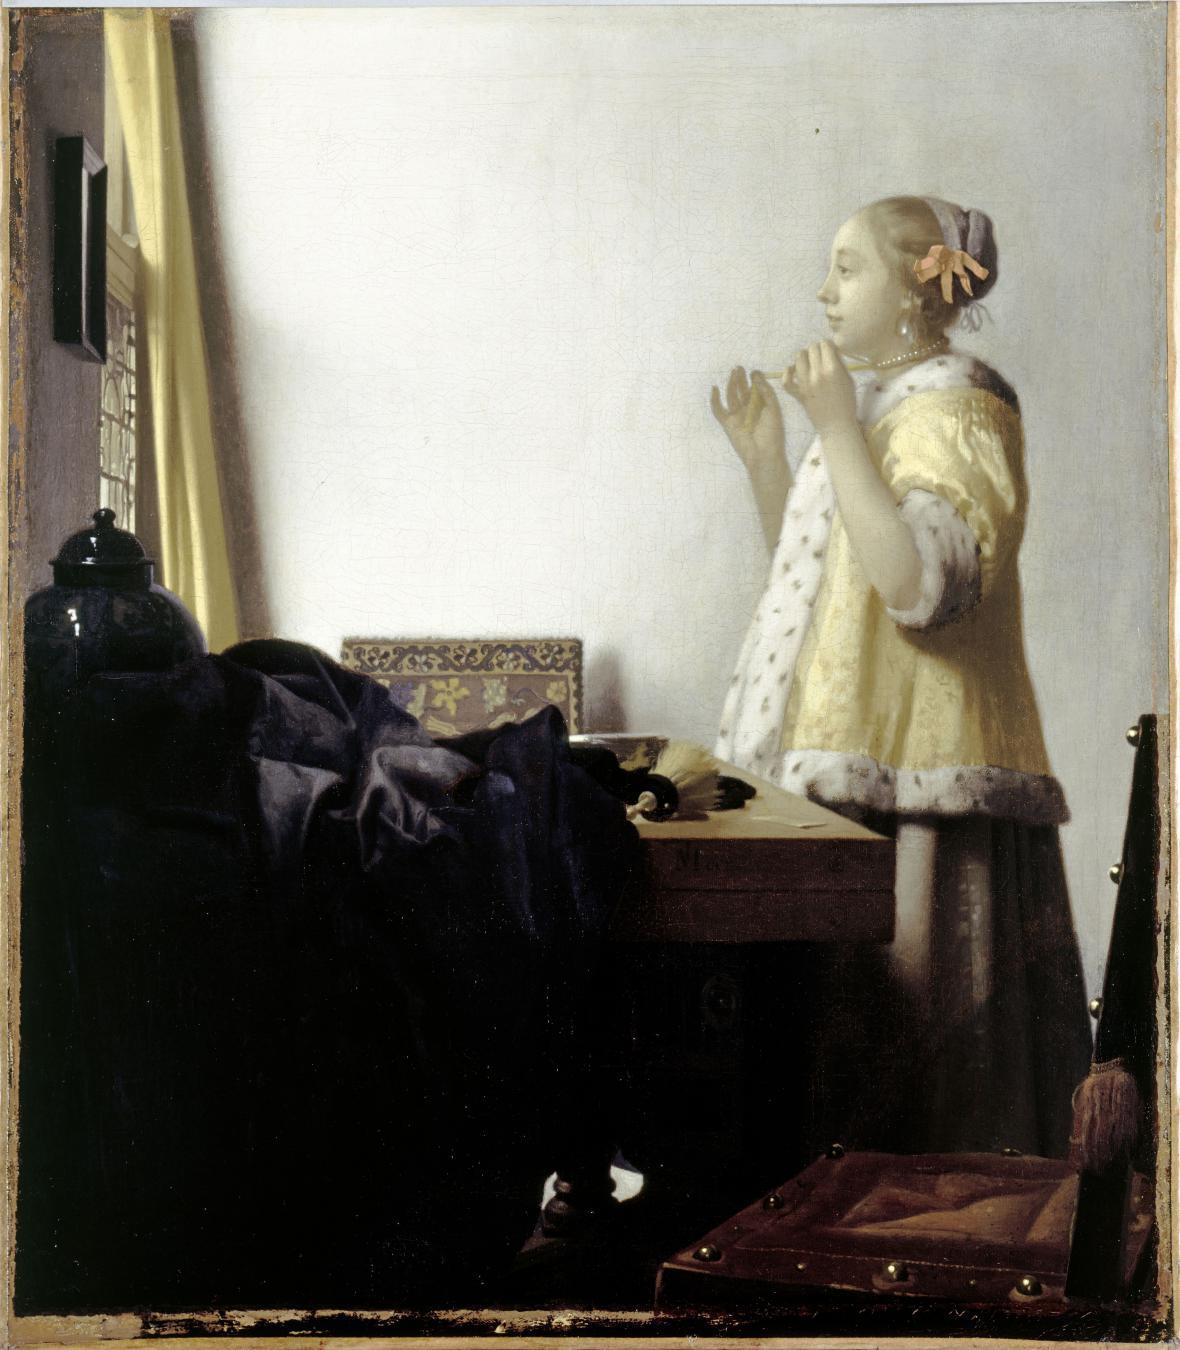 Johannes Vermeer /  Mladá žena s perlami, 1663-1664